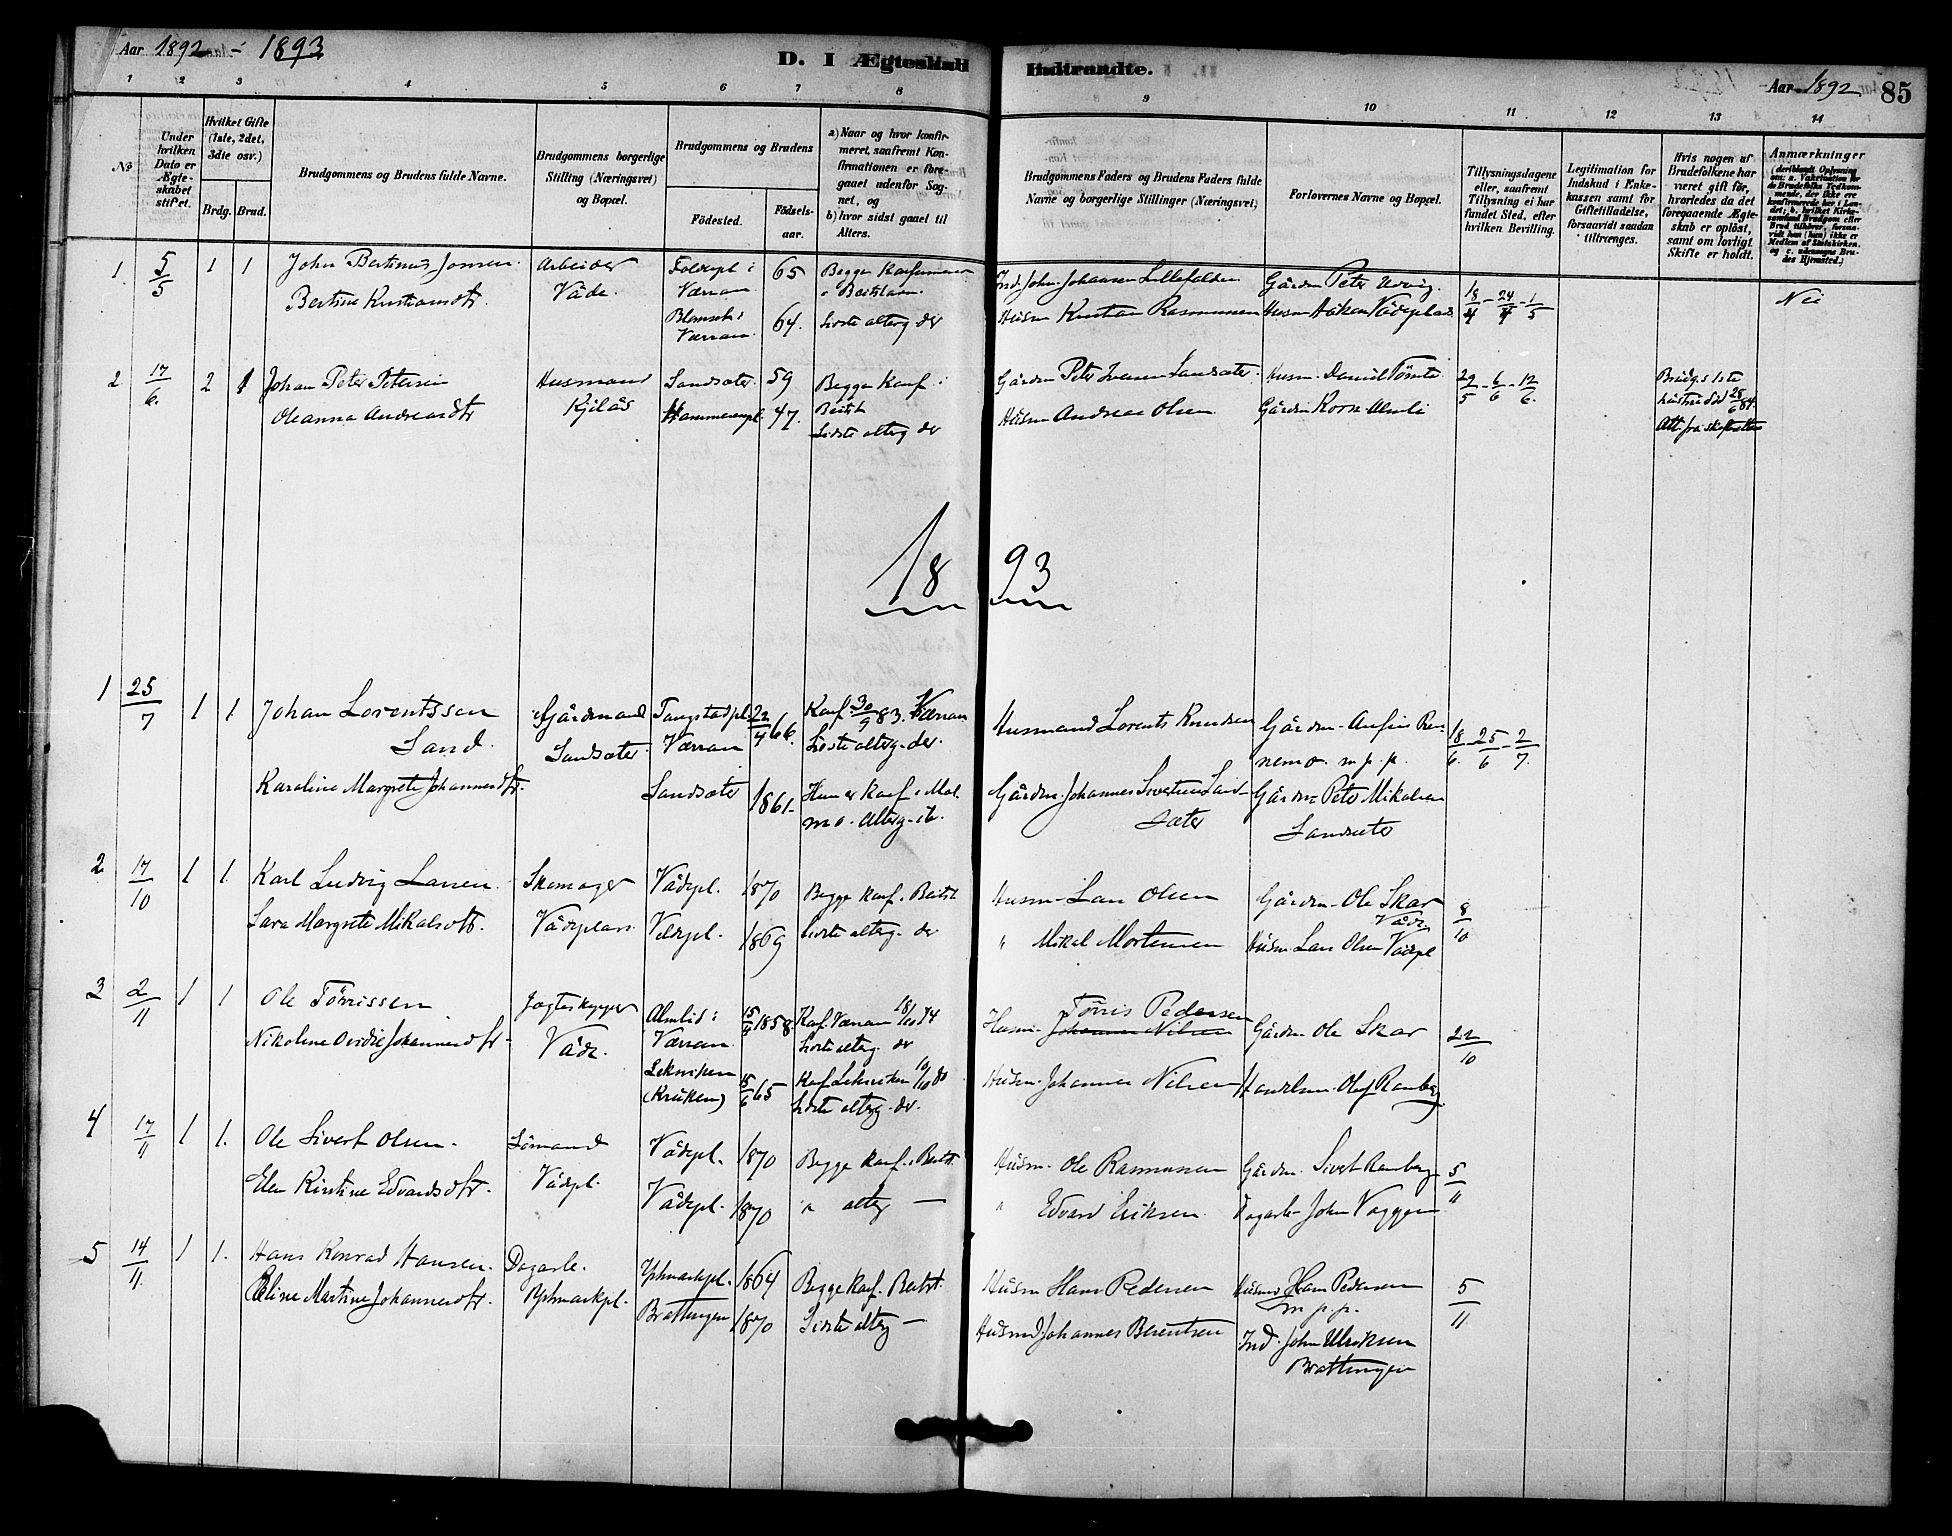 SAT, Ministerialprotokoller, klokkerbøker og fødselsregistre - Nord-Trøndelag, 745/L0429: Ministerialbok nr. 745A01, 1878-1894, s. 85